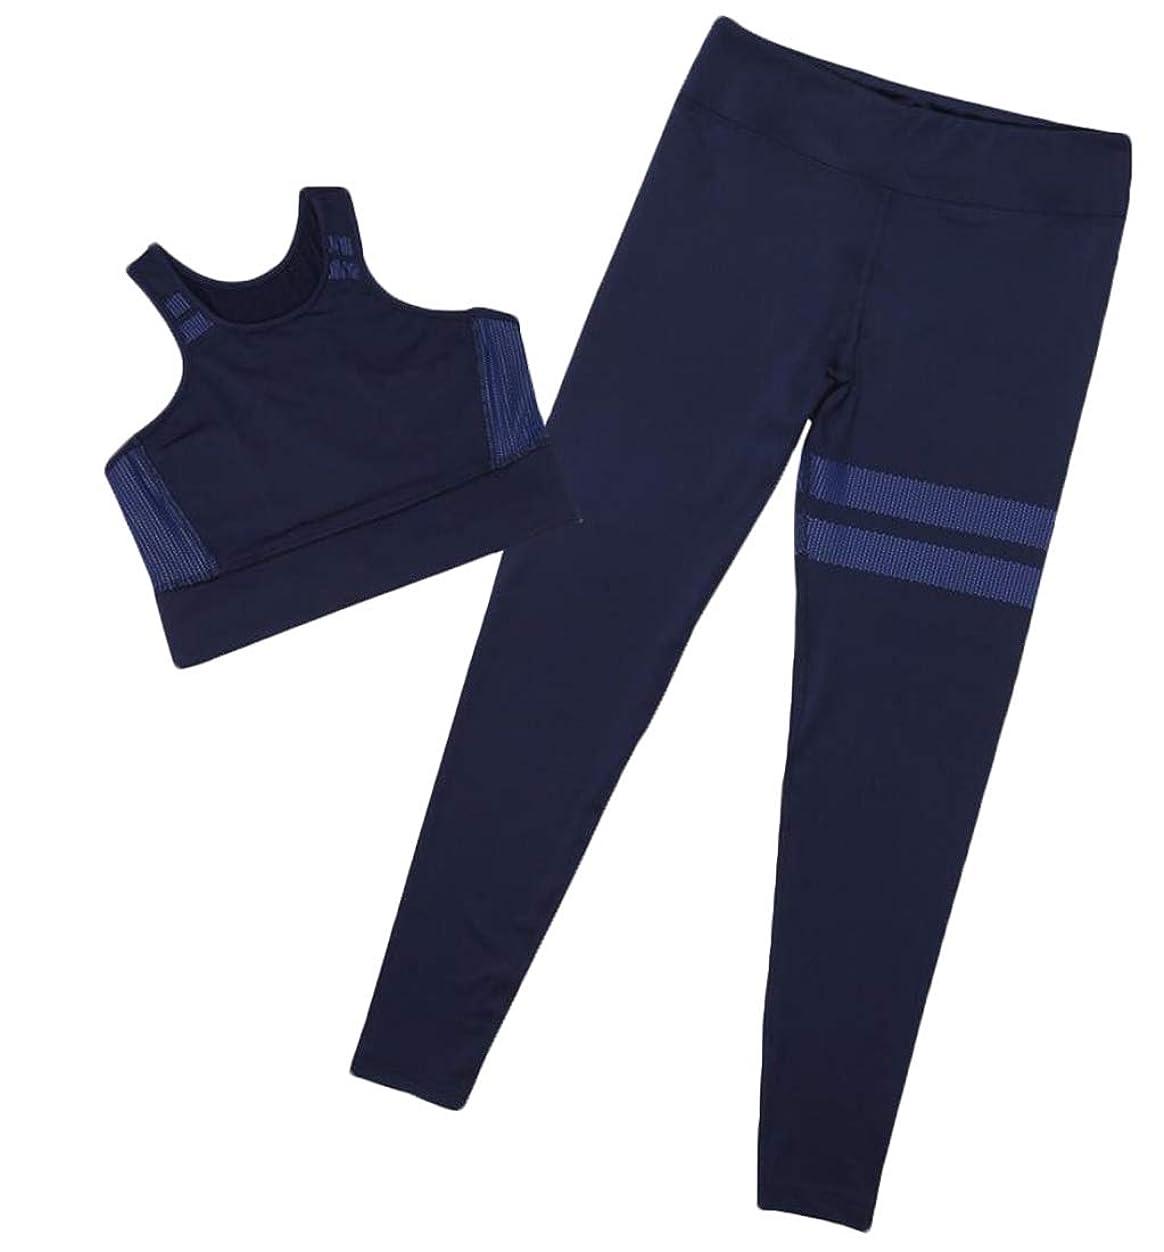 シュリンク素朴なラフト女性の衣装2ピースセットタンクトップジョギングヨガ伸縮性のスキニートラックスーツ